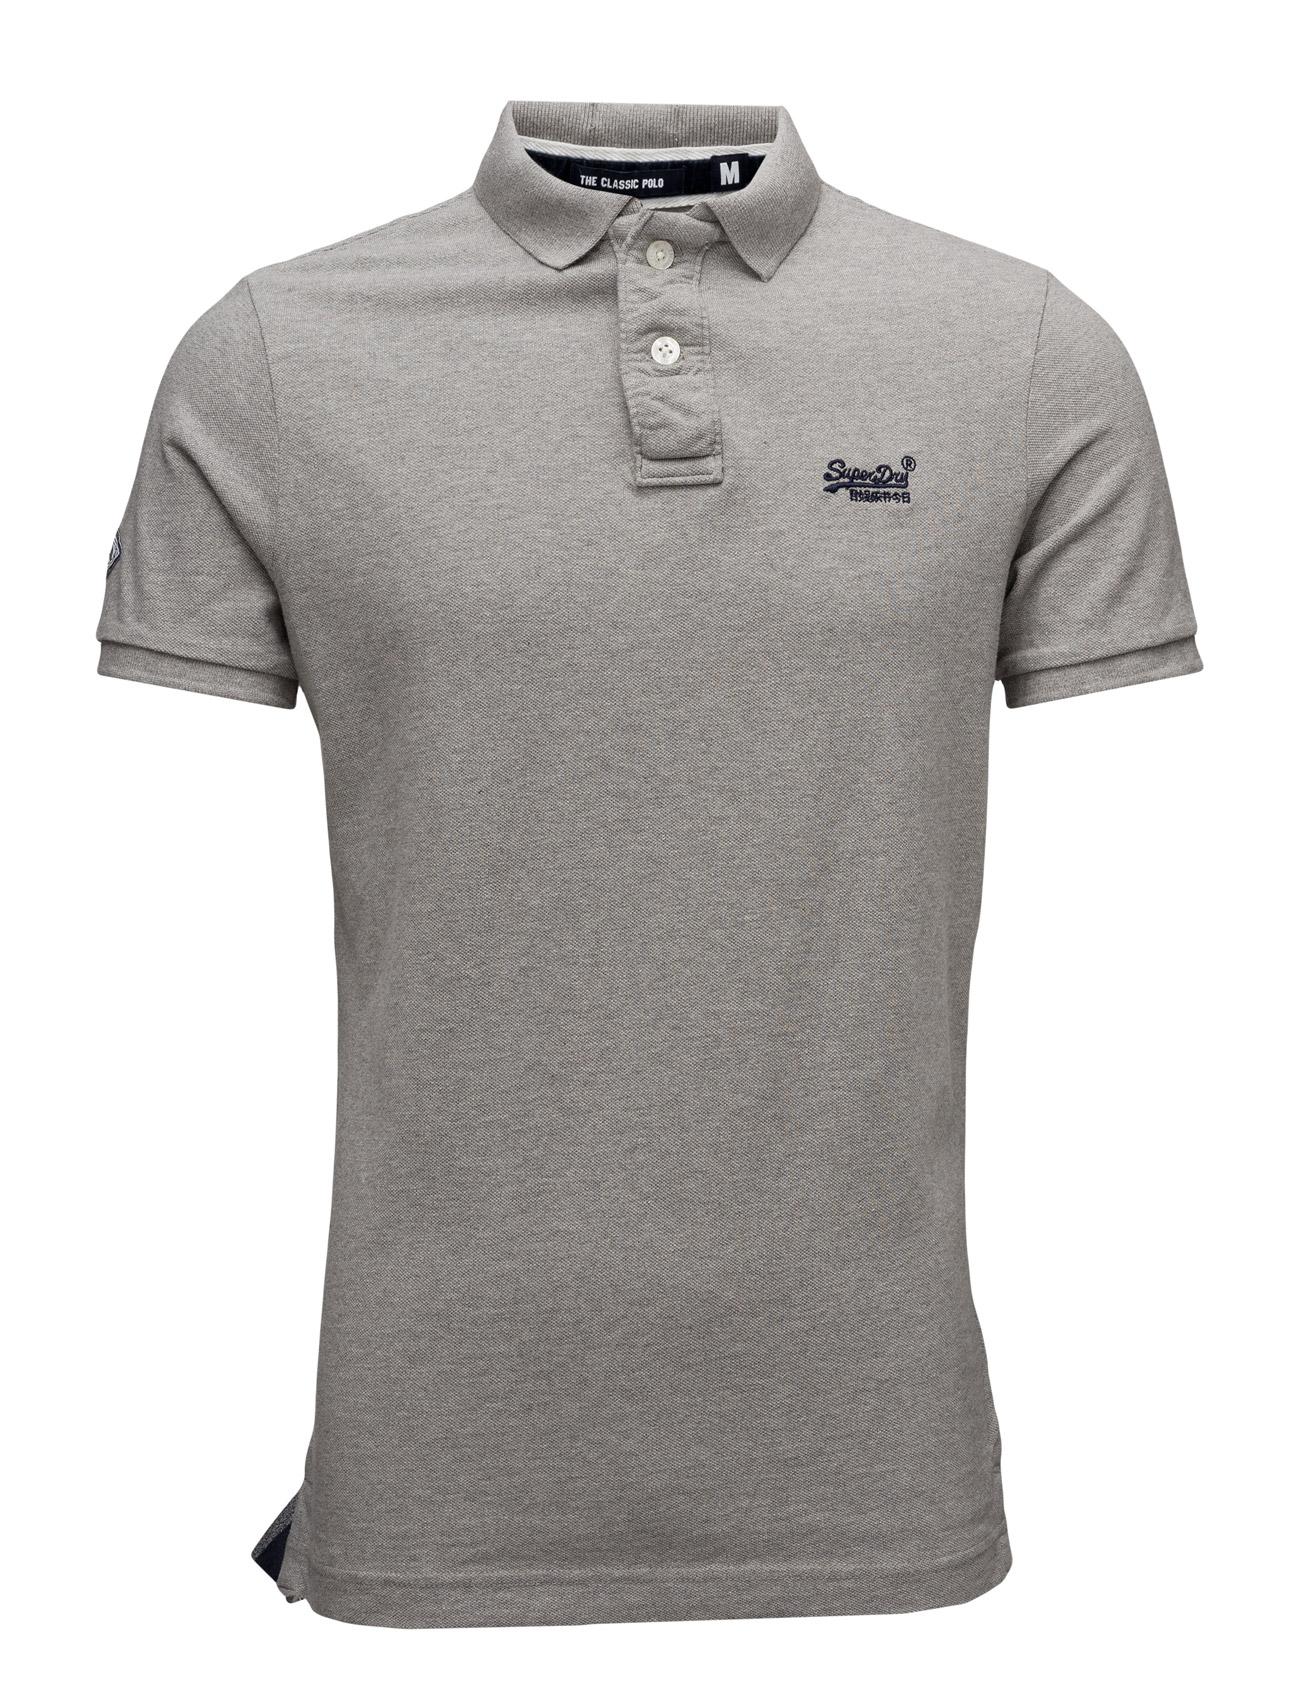 Classic Pique S/S Polo Superdry Kortærmede polo t-shirts til Mænd i Eclipse Navy